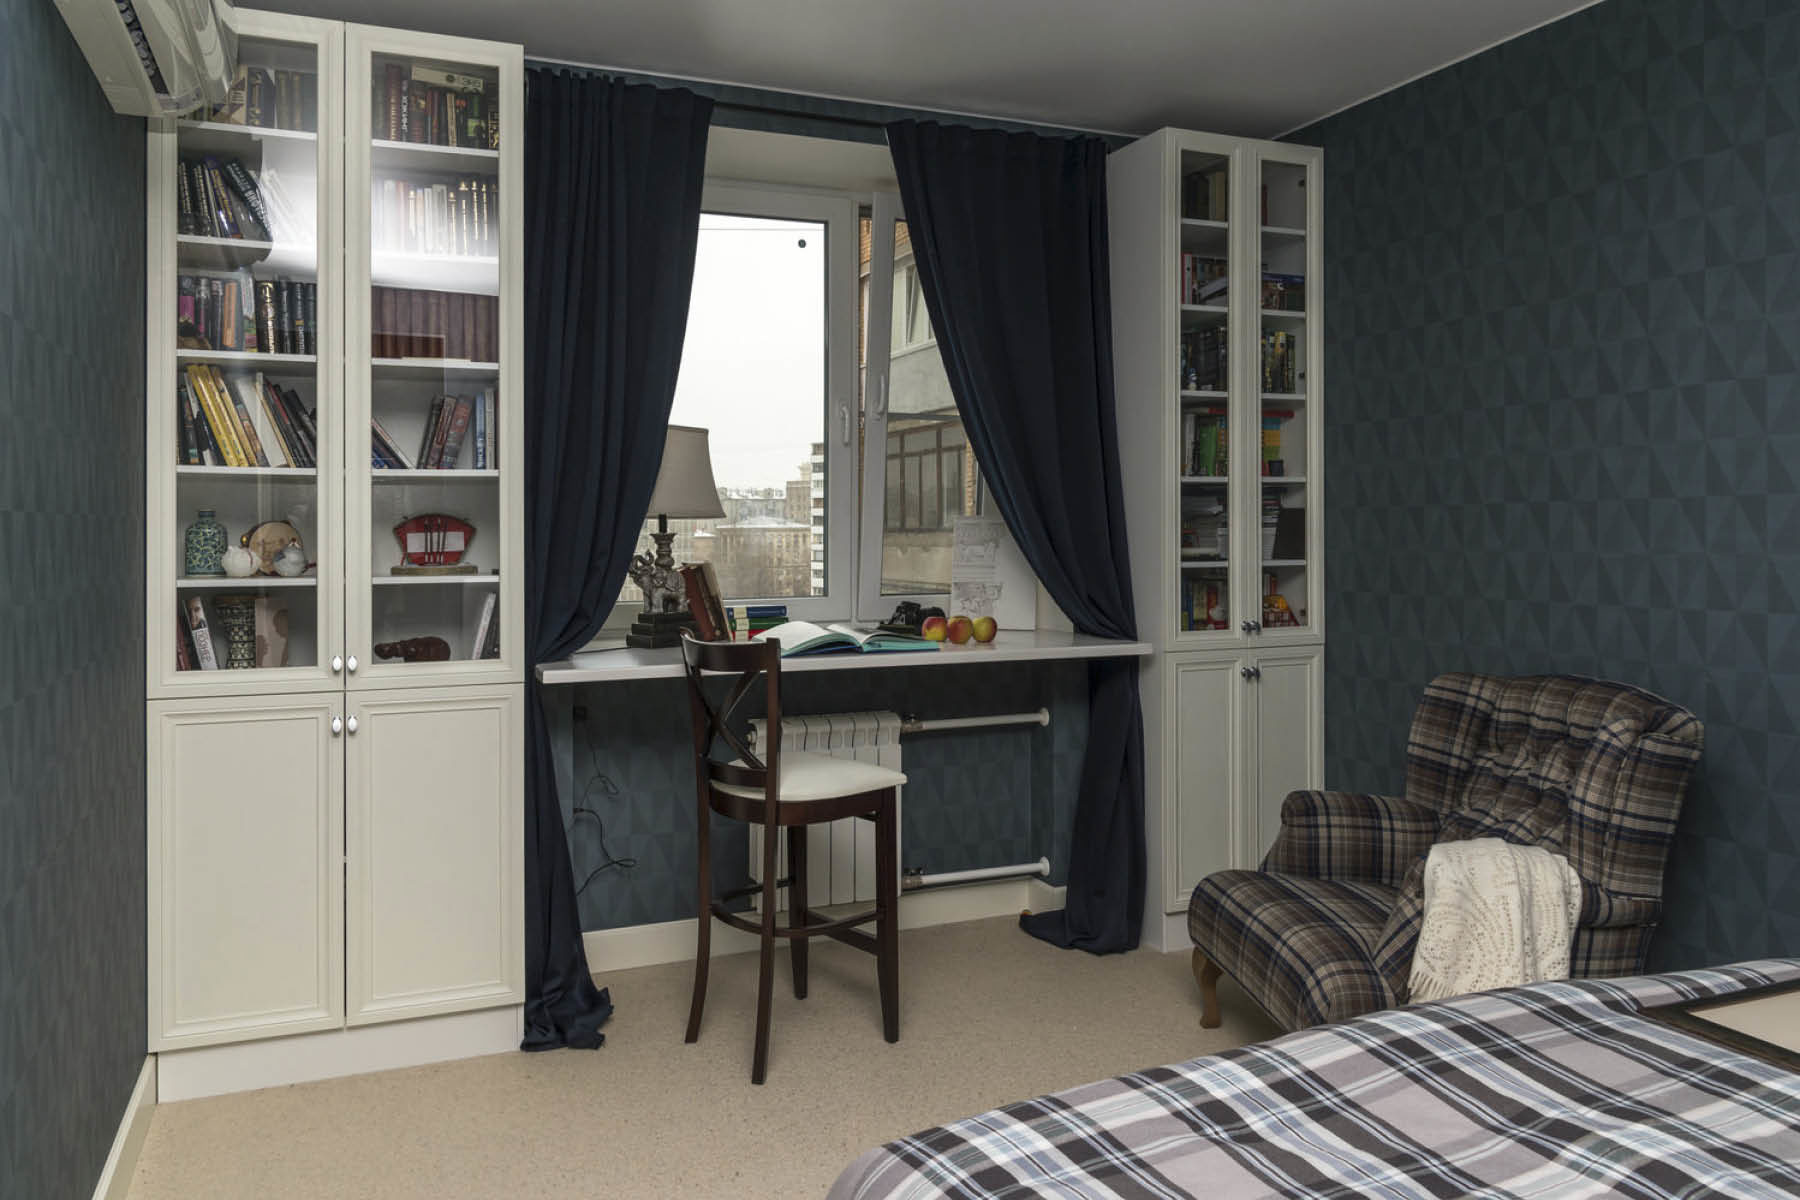 Дизайнерские хитрости: превращаем маленькую квартиру в просторную